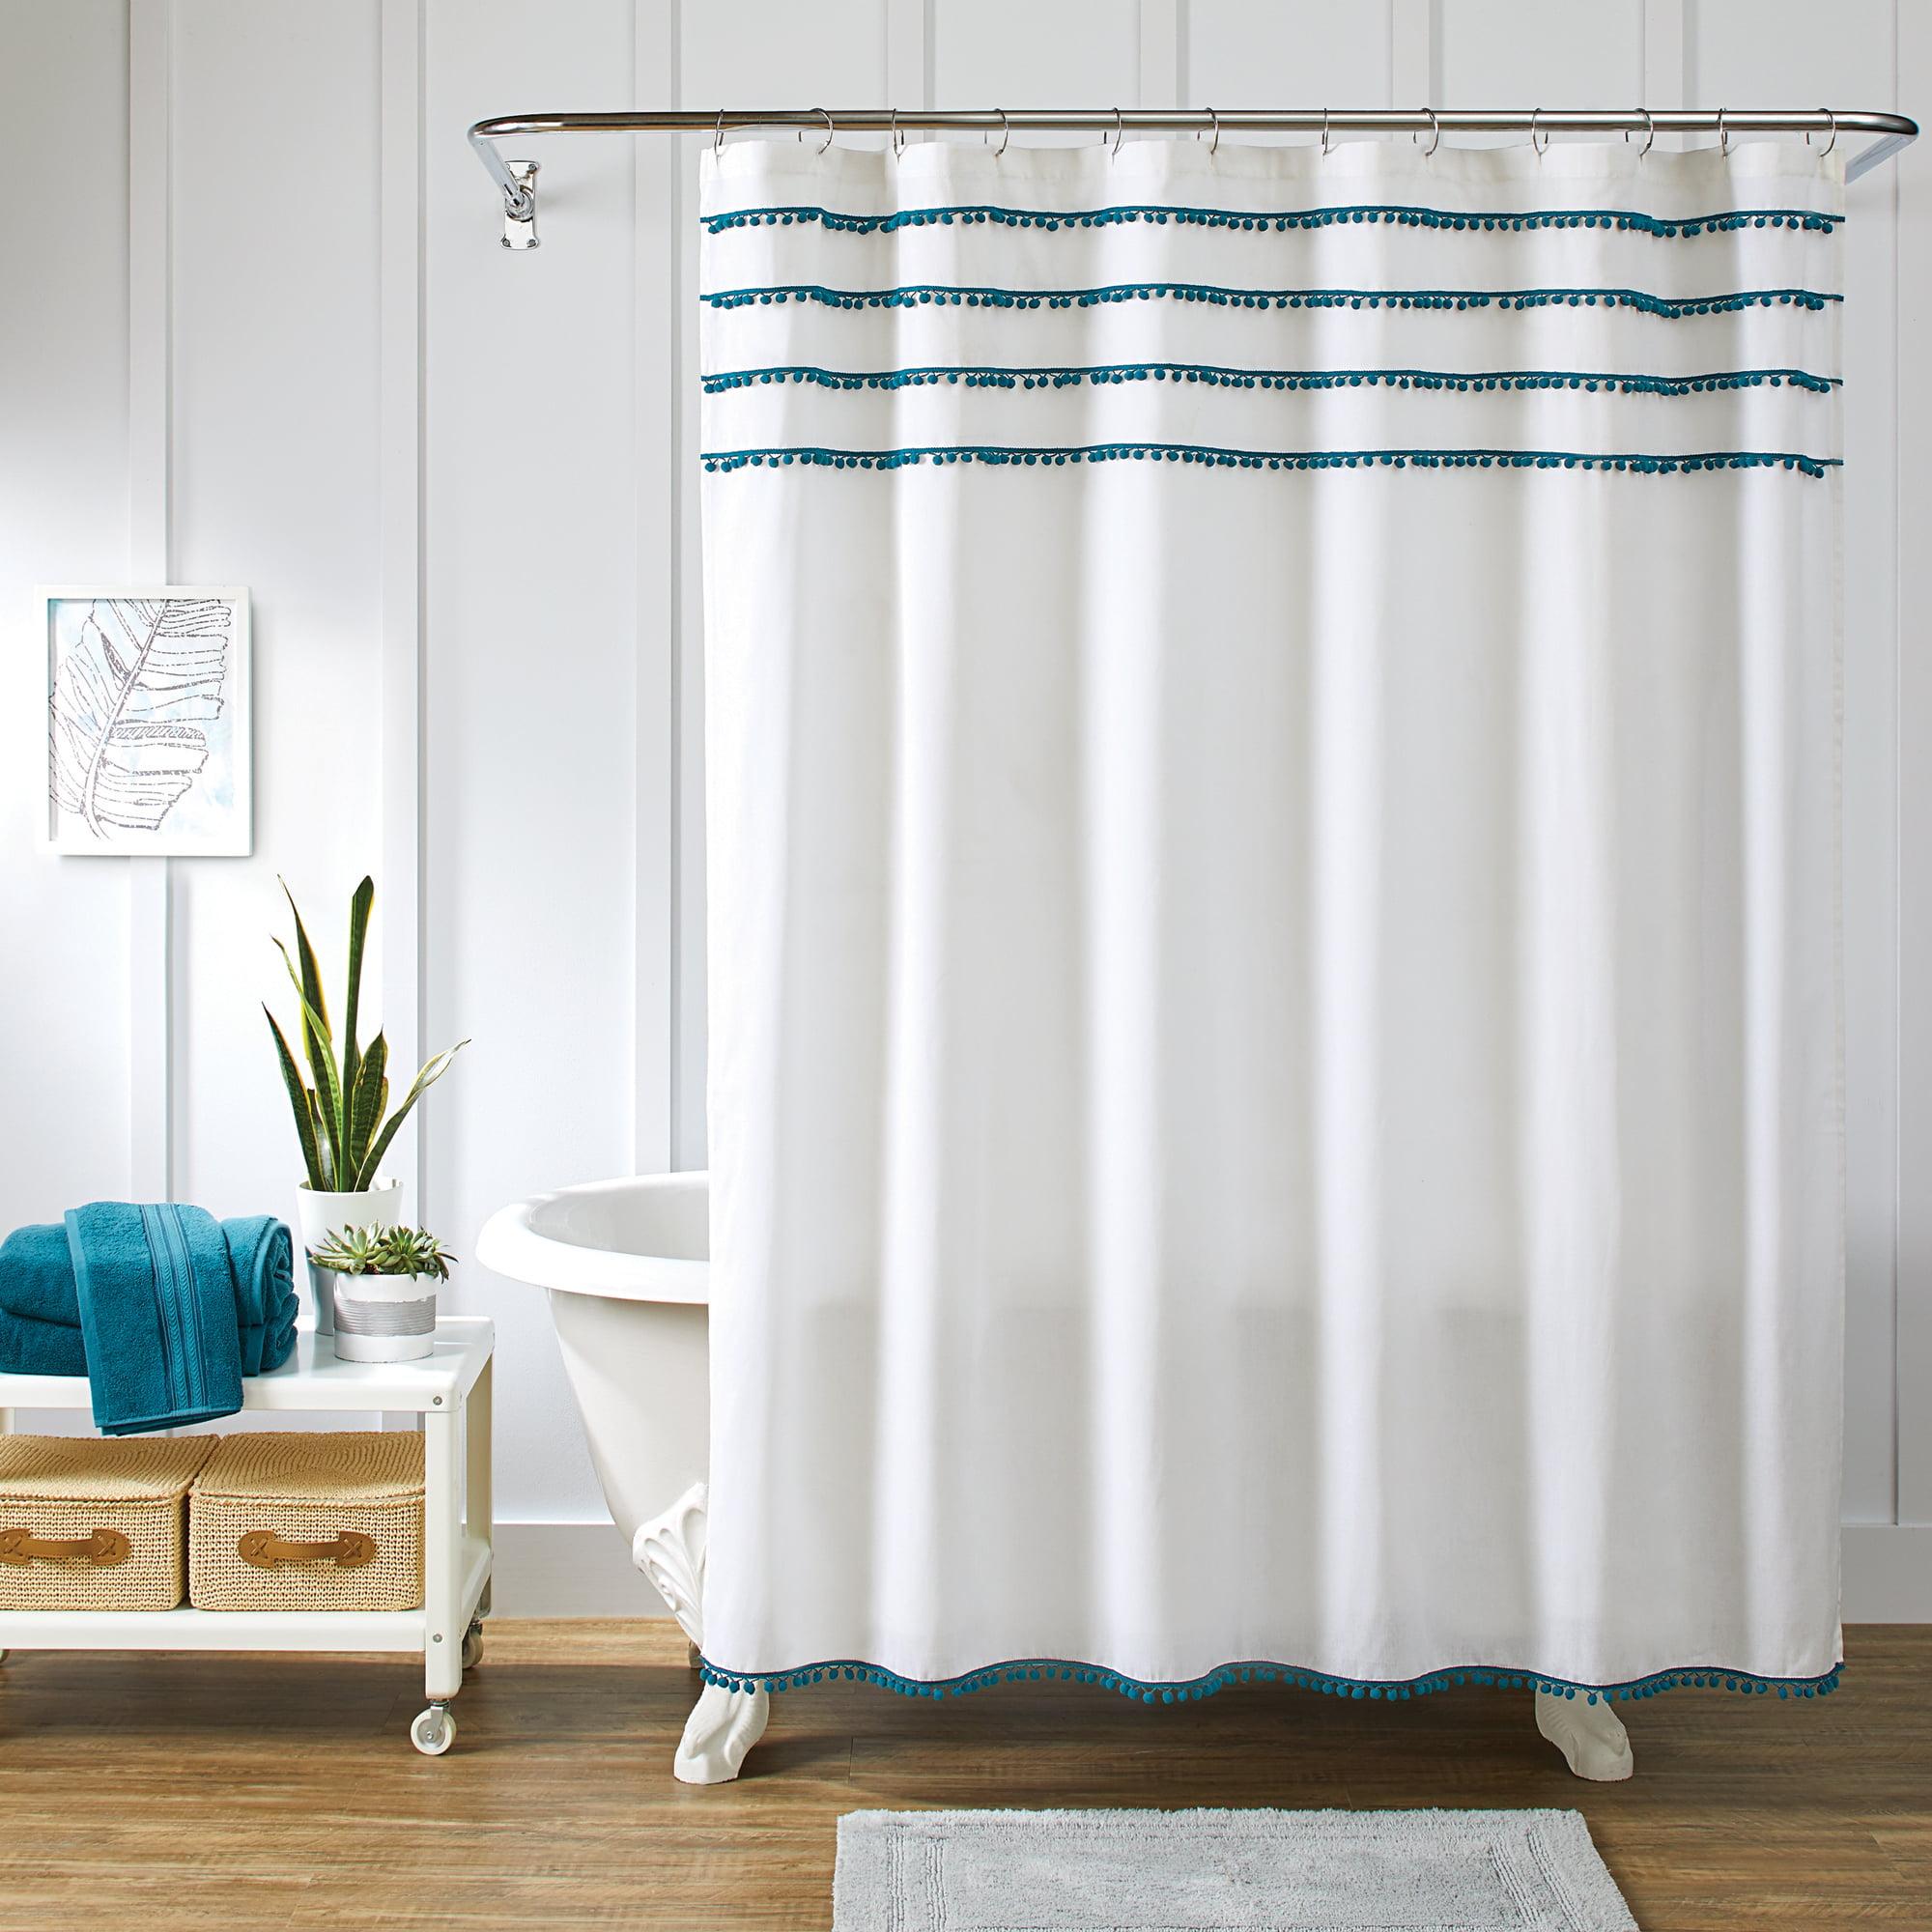 Better Homes & Gardens Pom Pom Fabric Shower Curtain